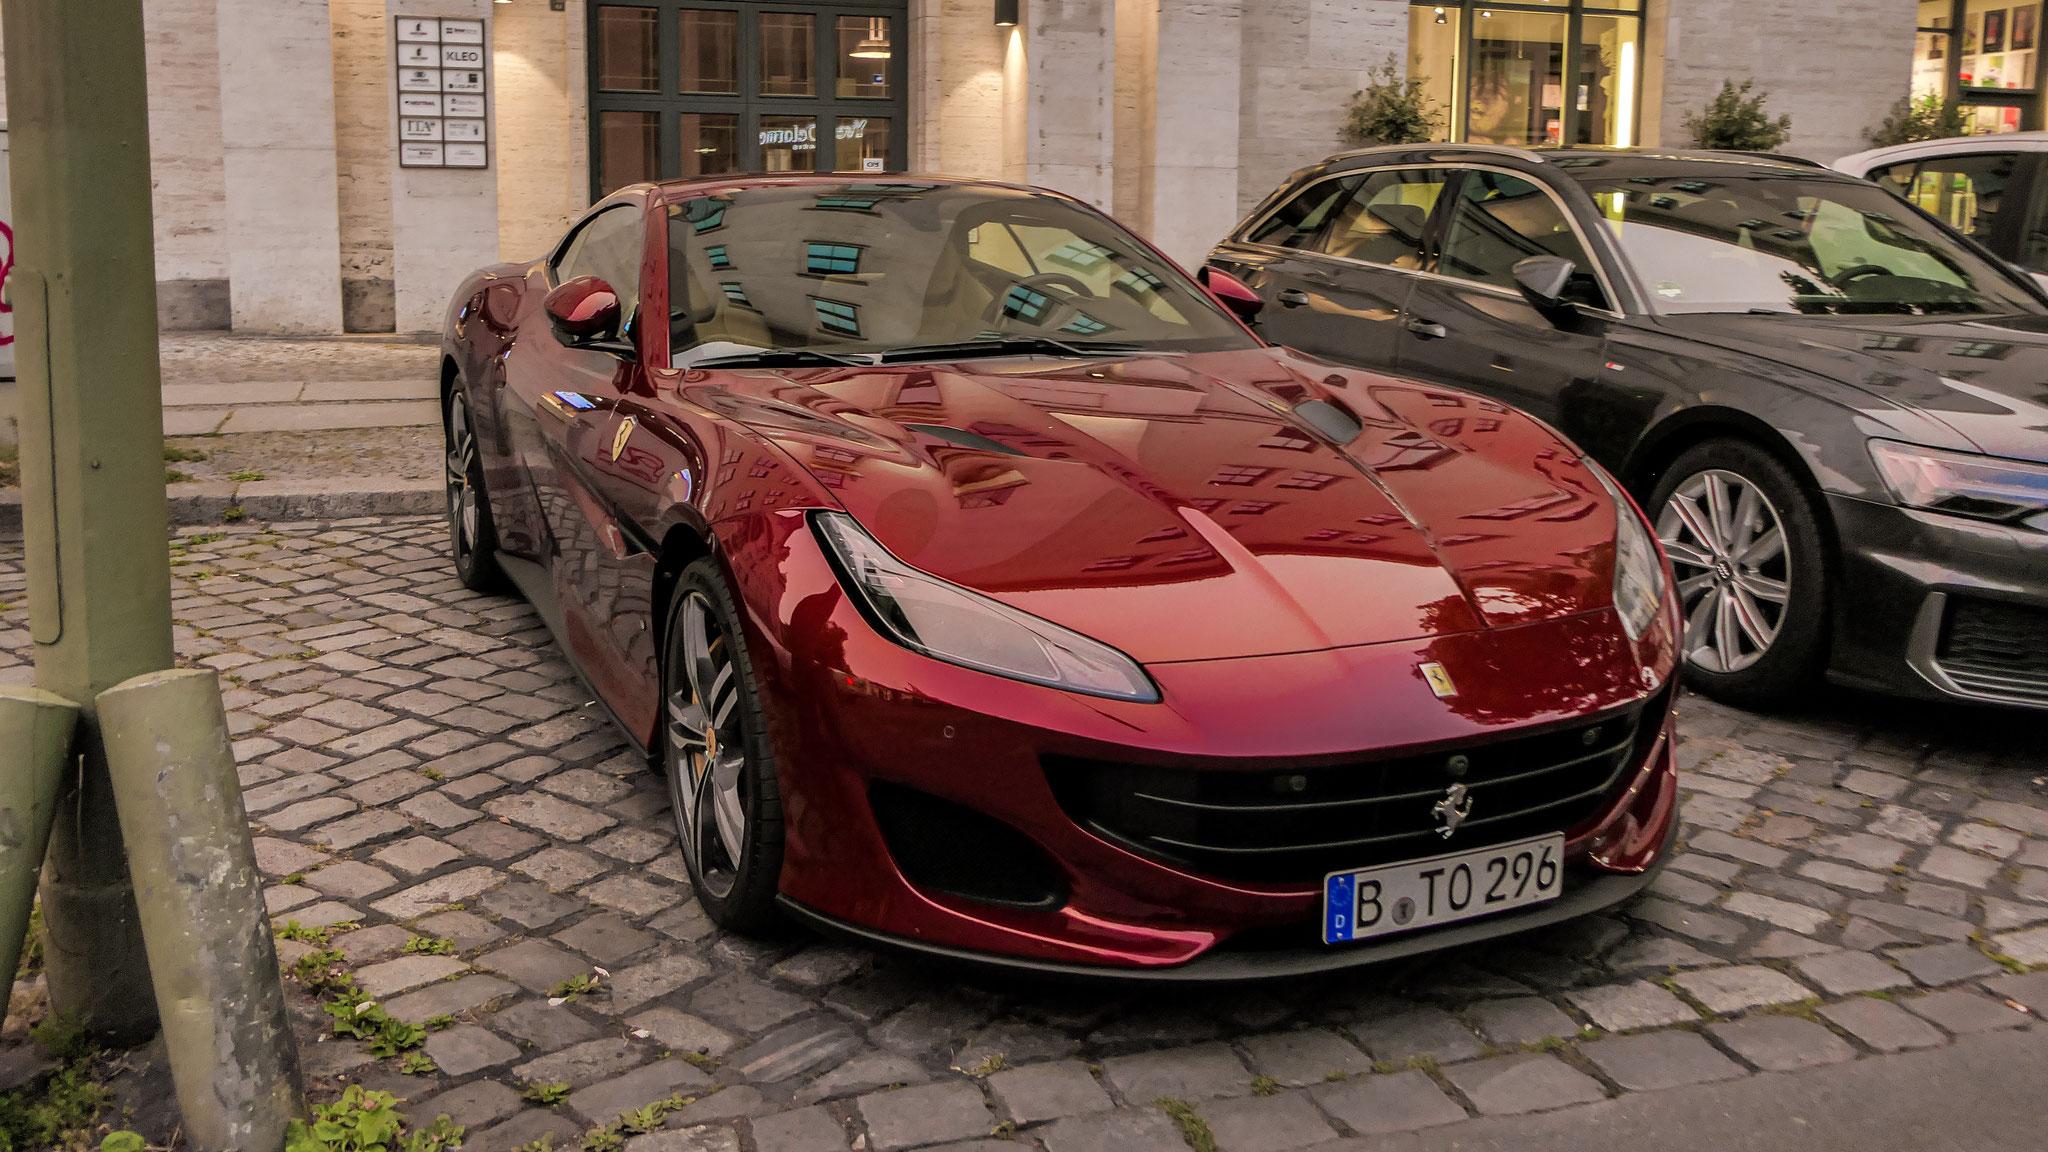 Ferrari Portofino - B-TO-296